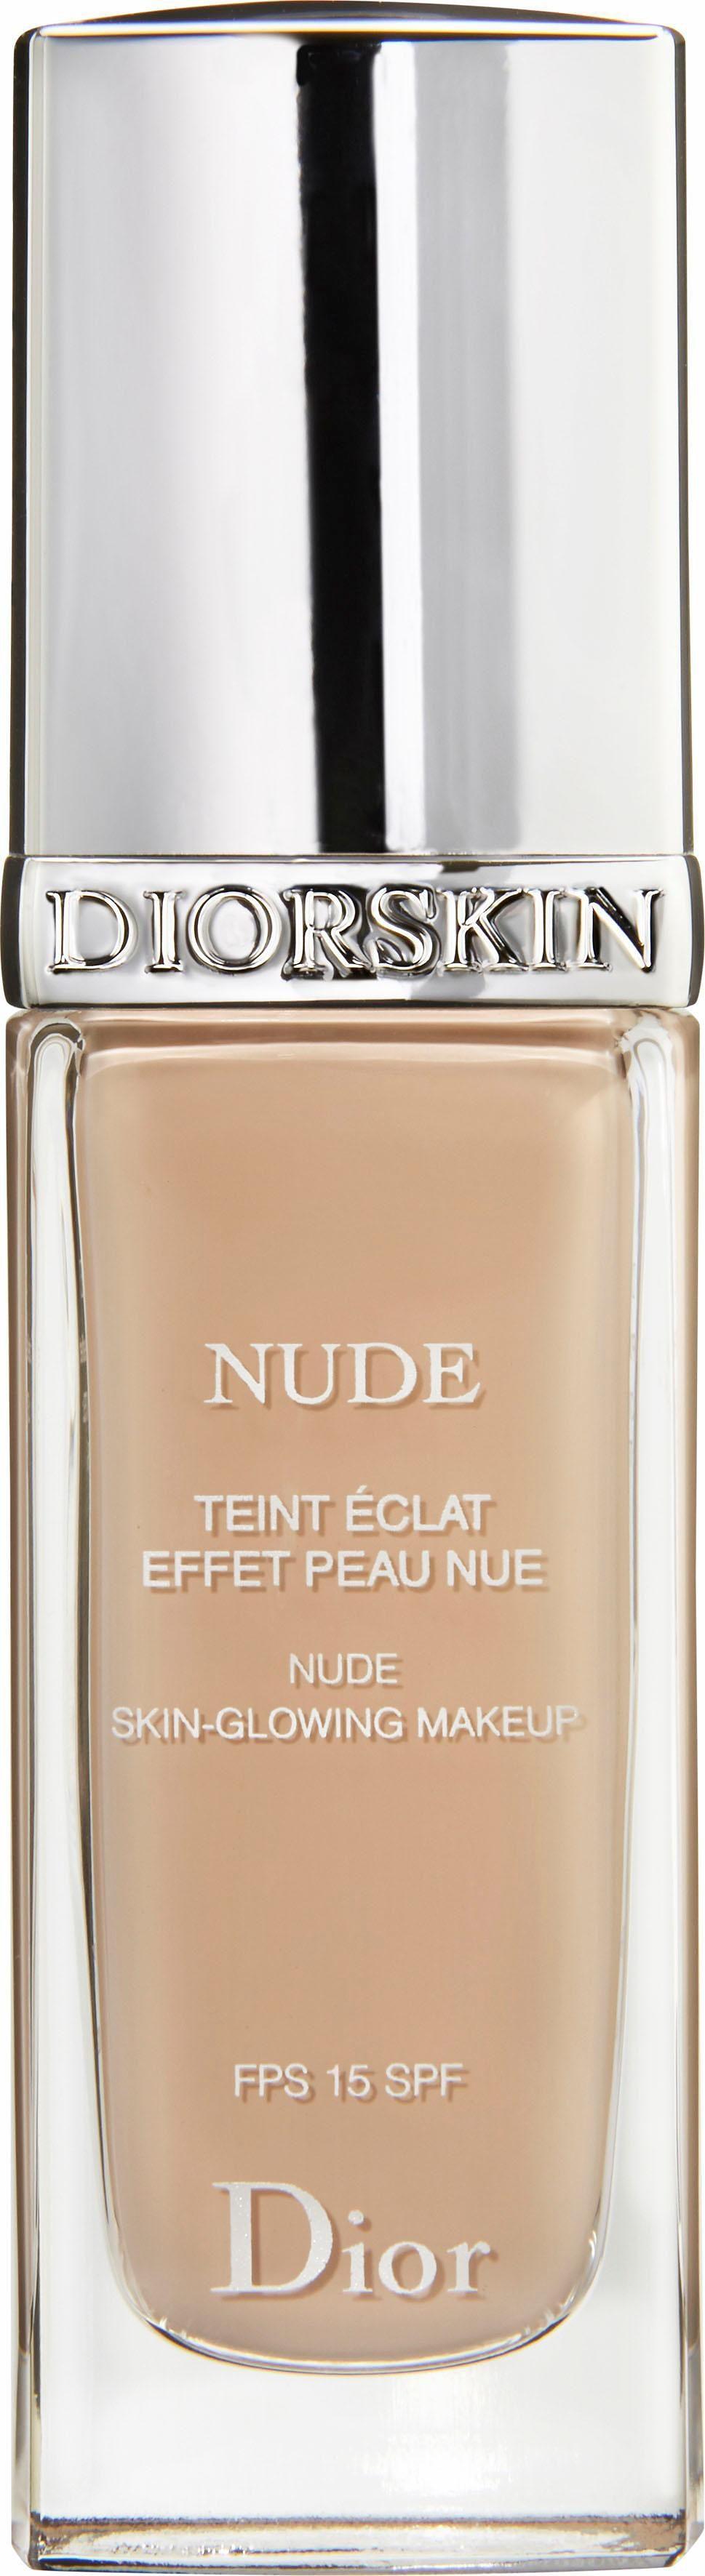 Dior Foundation Diorskin Nude Fluid